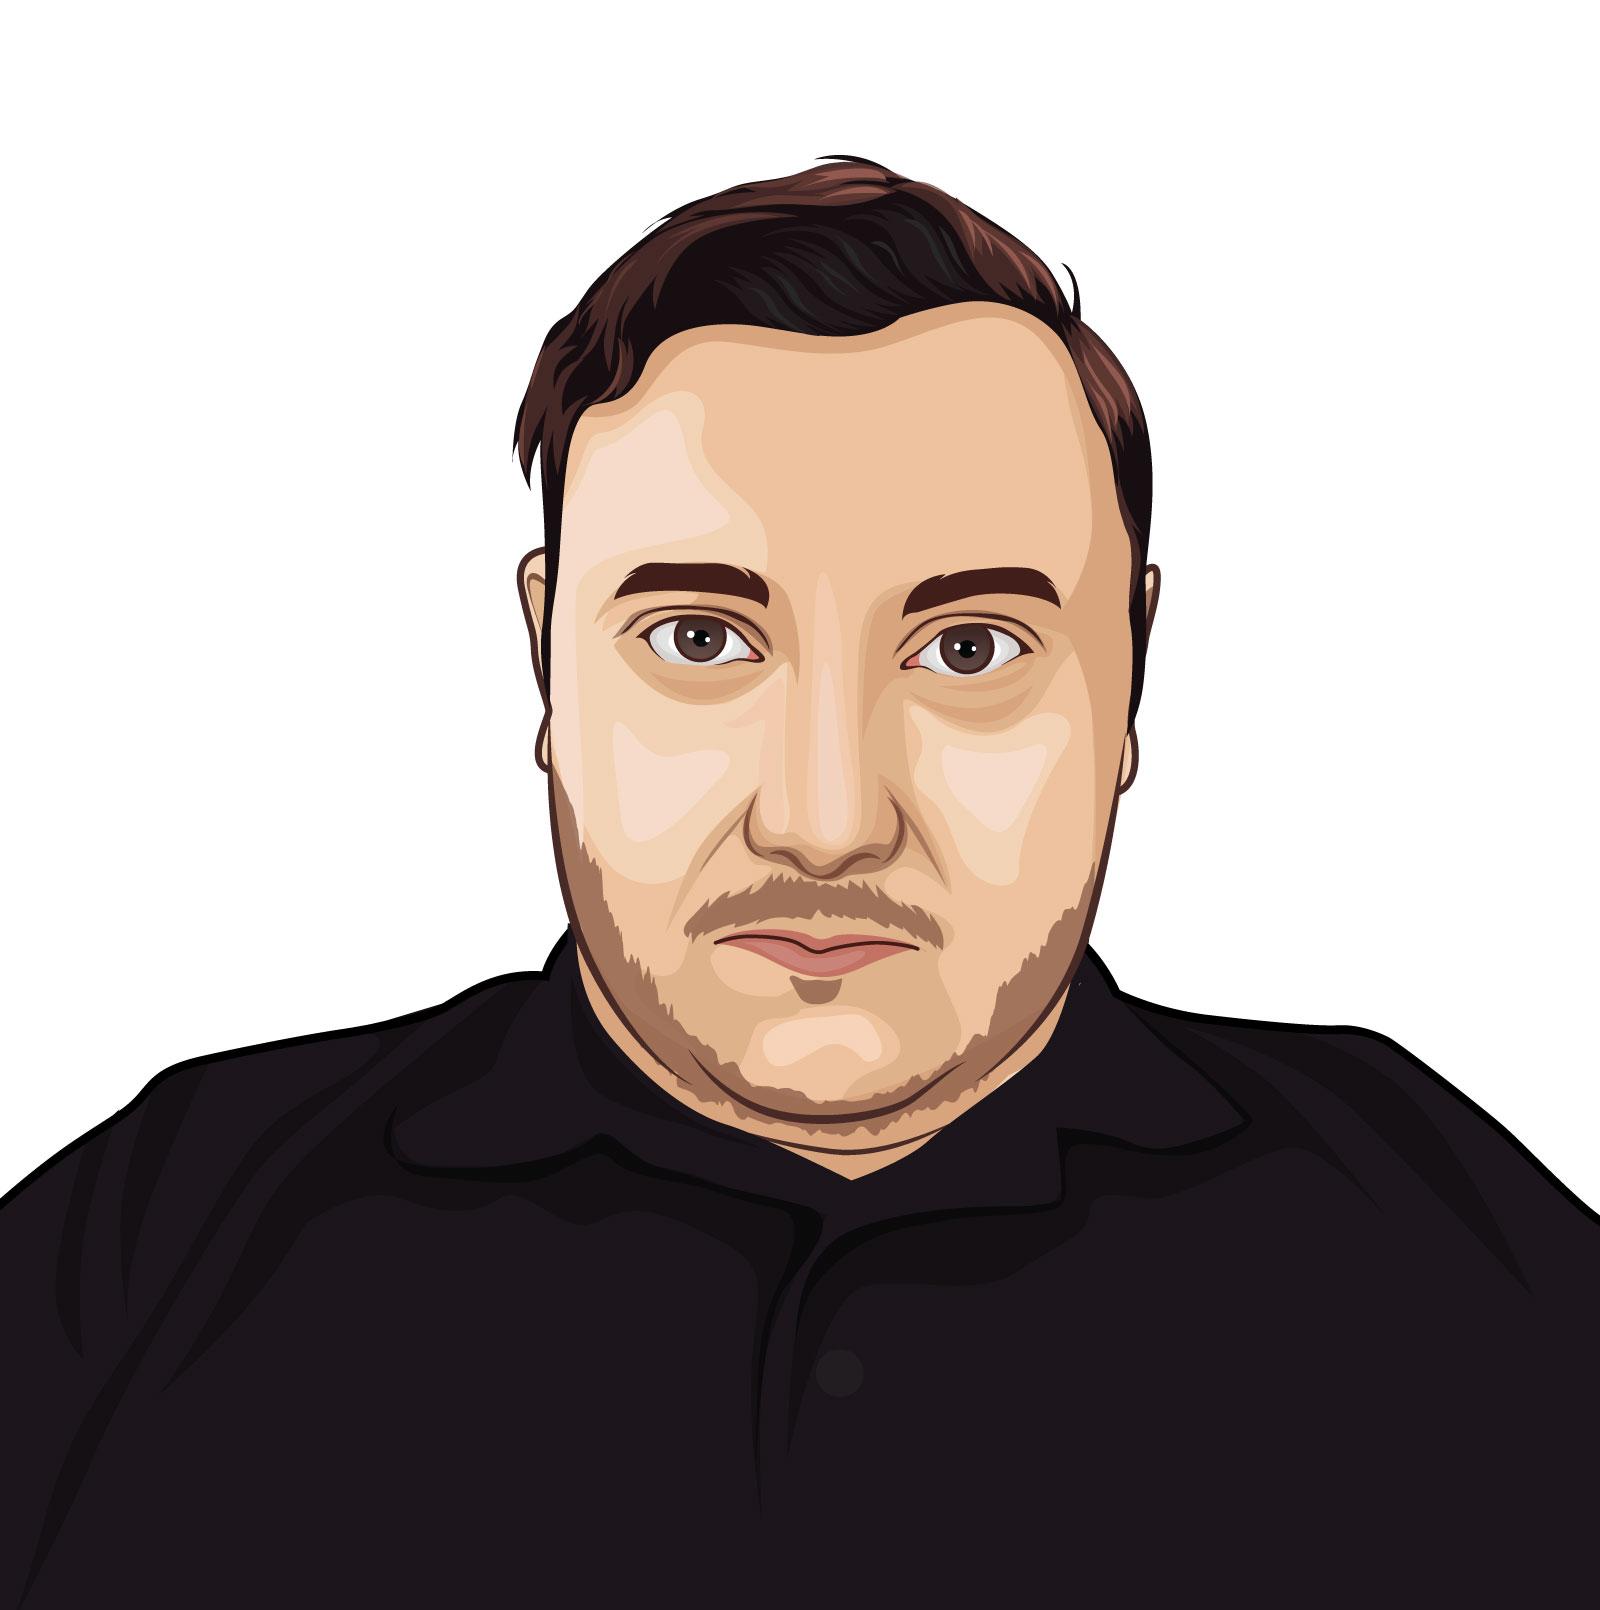 Draw Your CARTOON Portrait